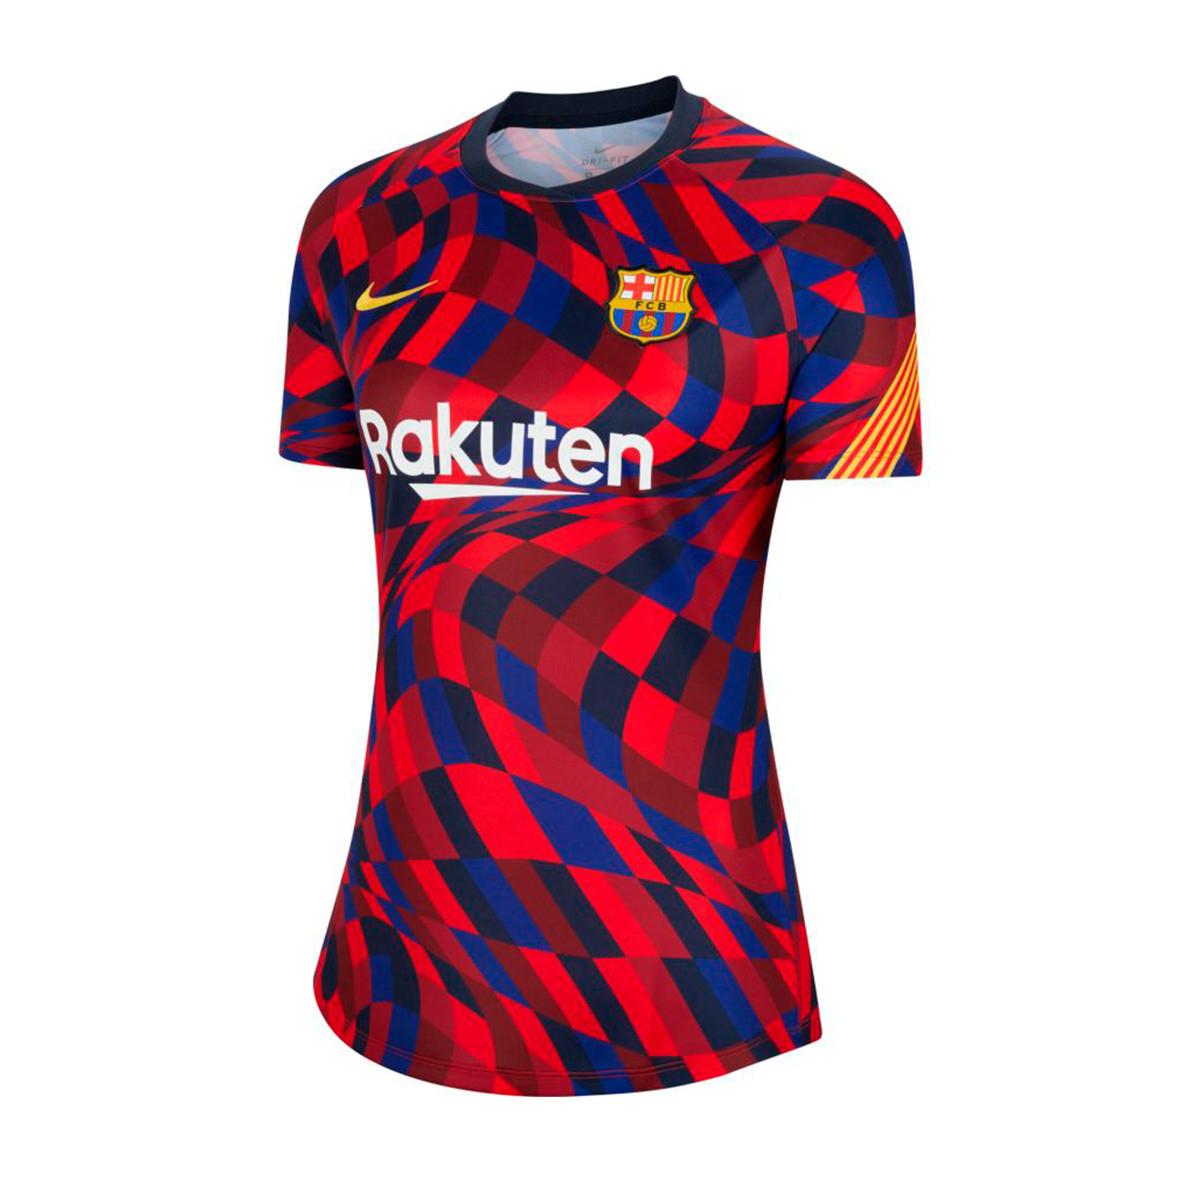 Legado dar a entender Ineficiente  Camiseta Nike FC Barcelona Pre Match Top 2020-2021 Mujer University red -  Tienda de fútbol Fútbol Emotion